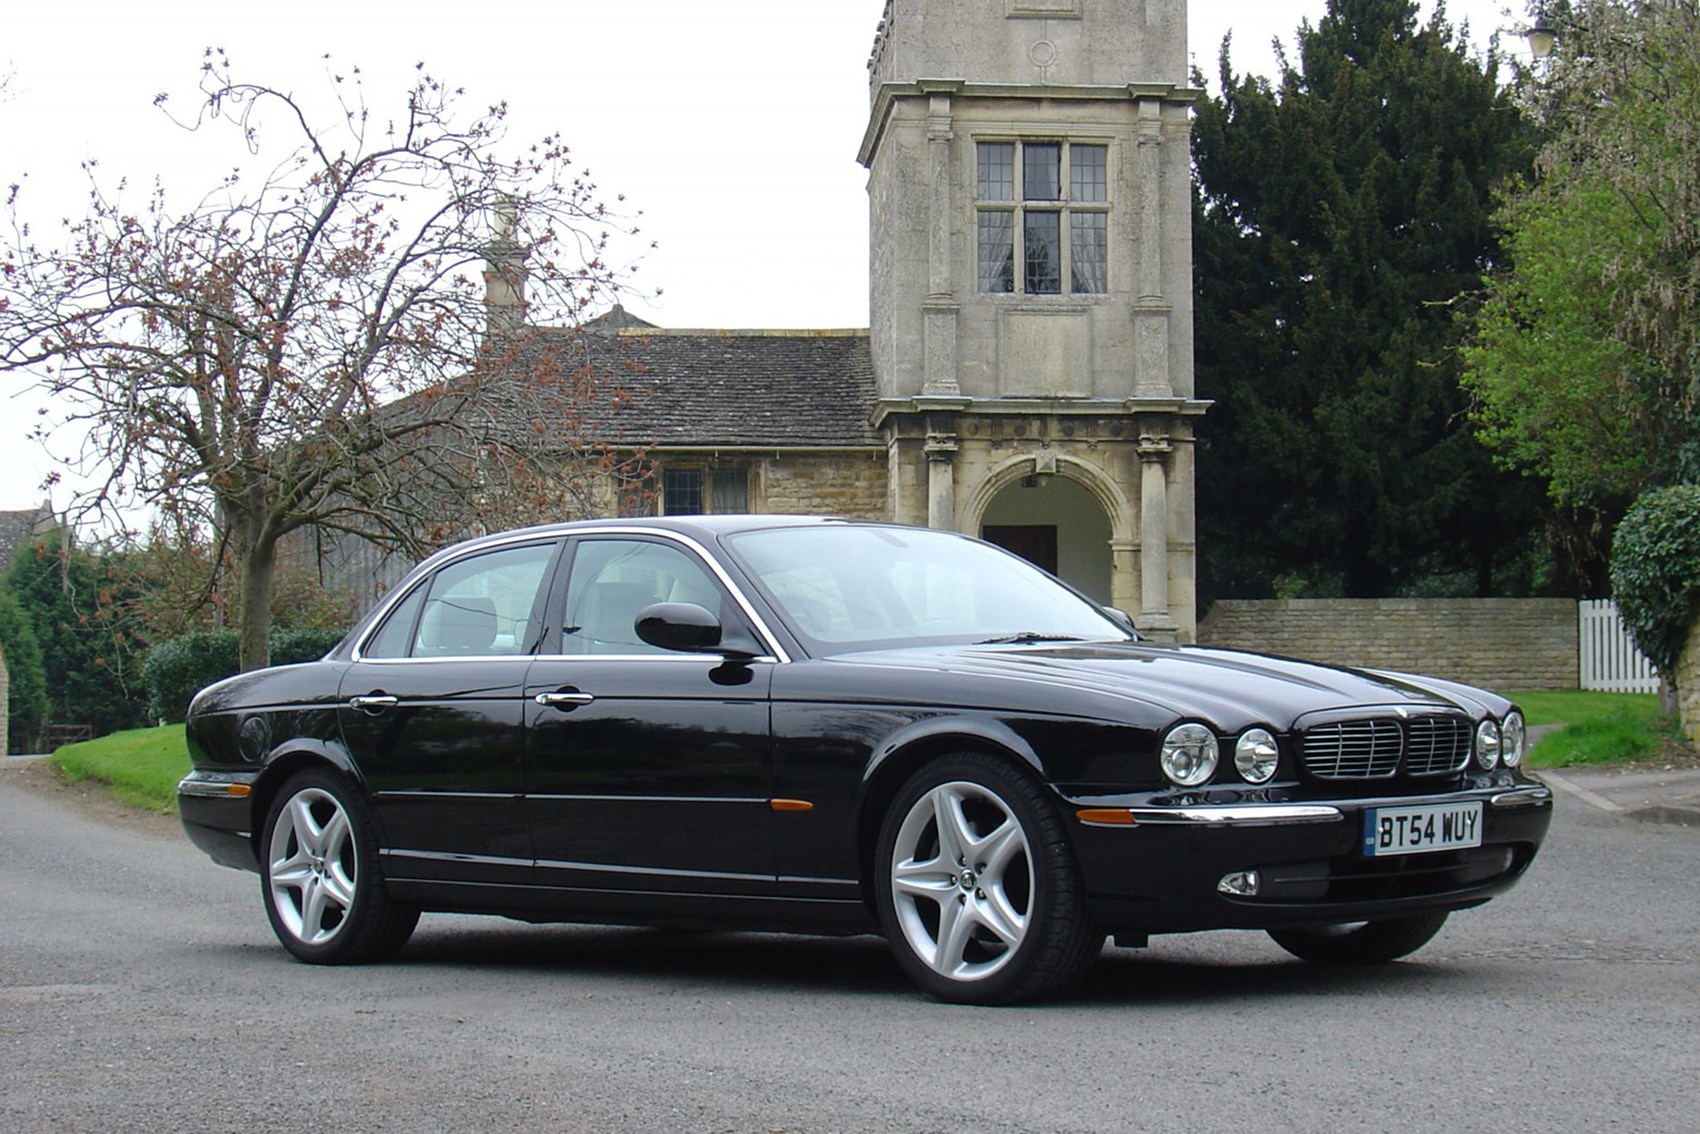 best used luxury car for 10k. Black Bedroom Furniture Sets. Home Design Ideas